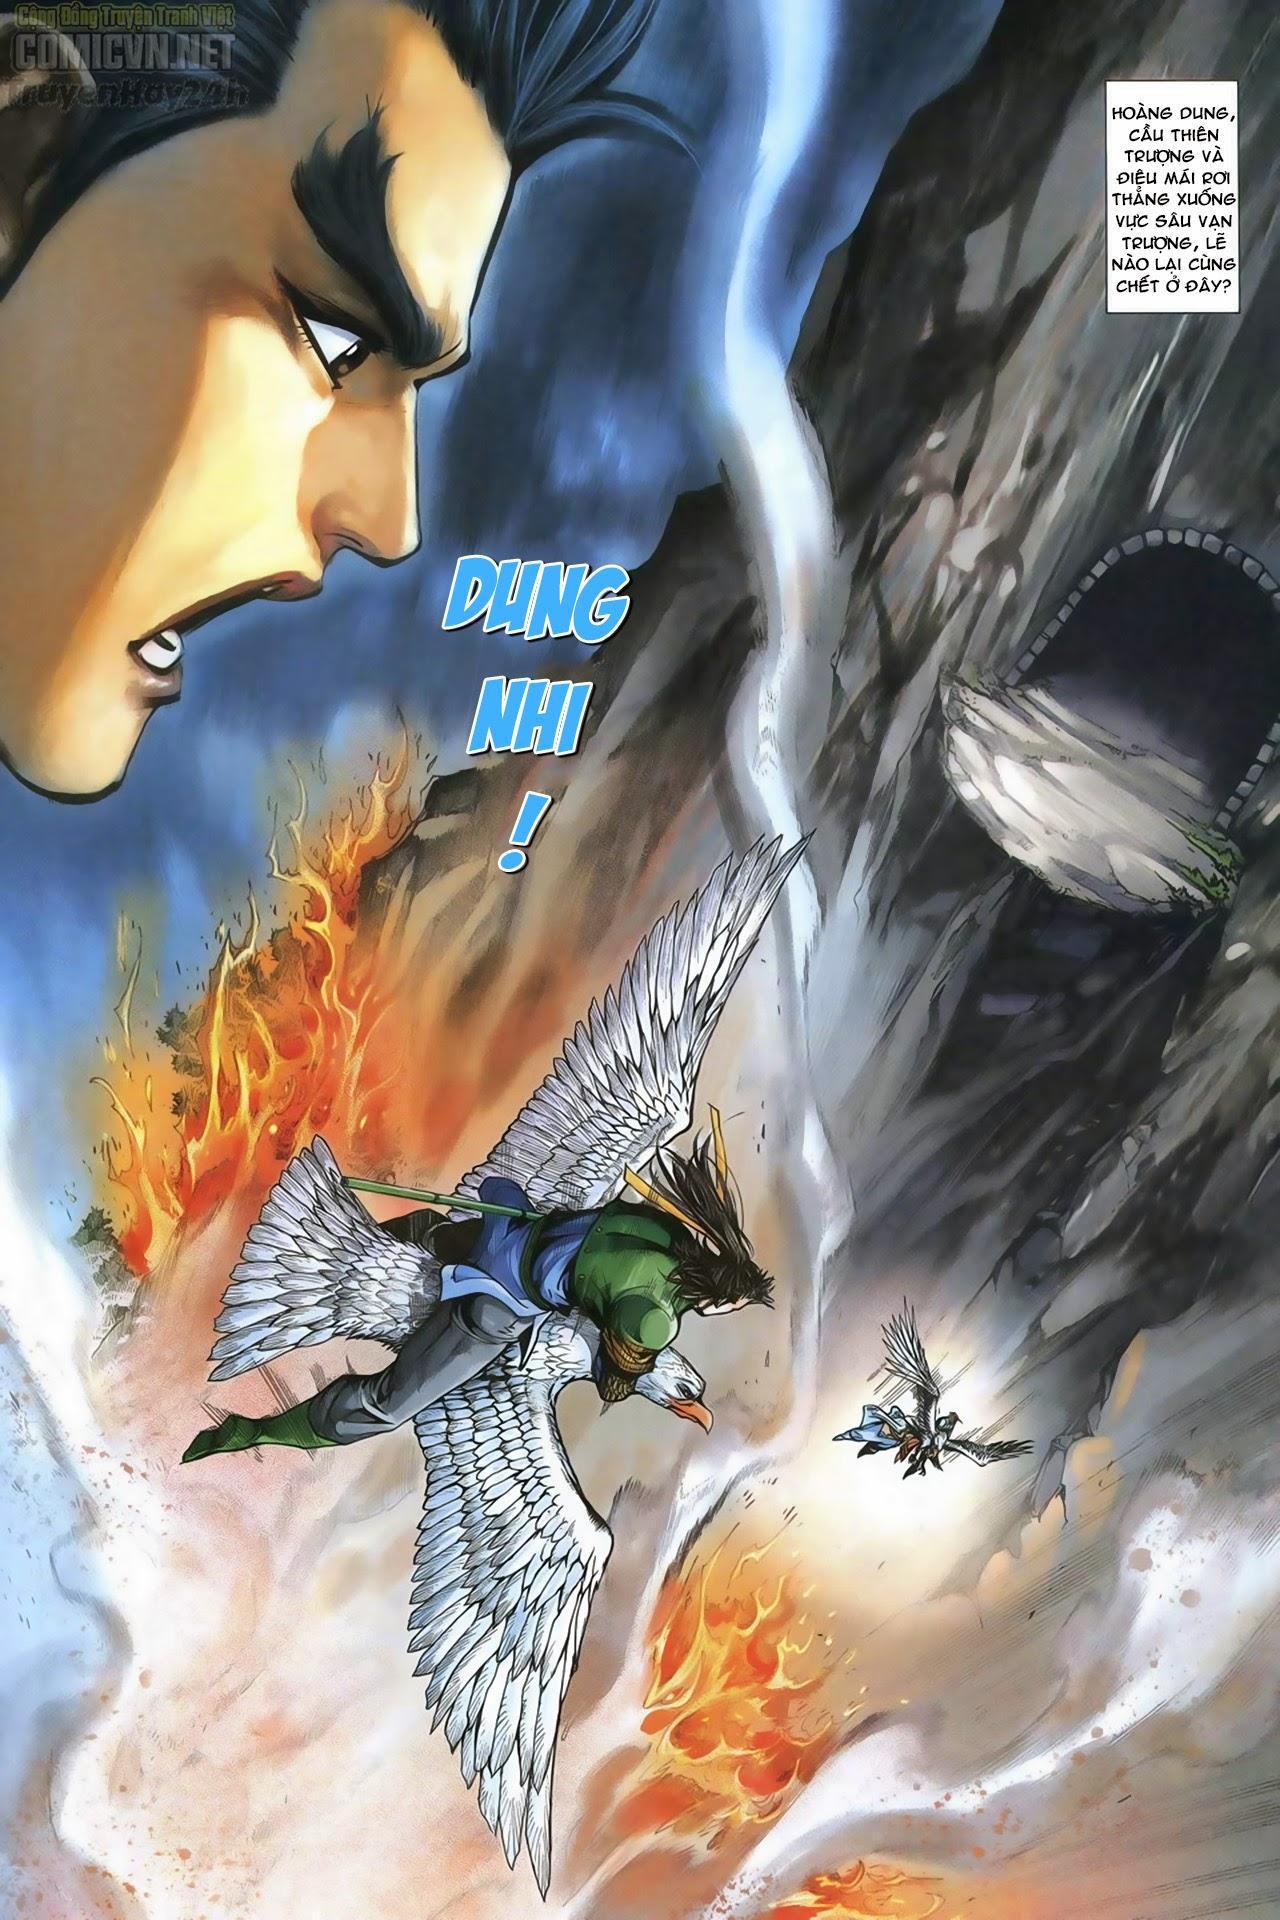 Anh Hùng Xạ Điêu anh hùng xạ đêu chap 69: hồn đoạn thiết chưởng phong trang 34